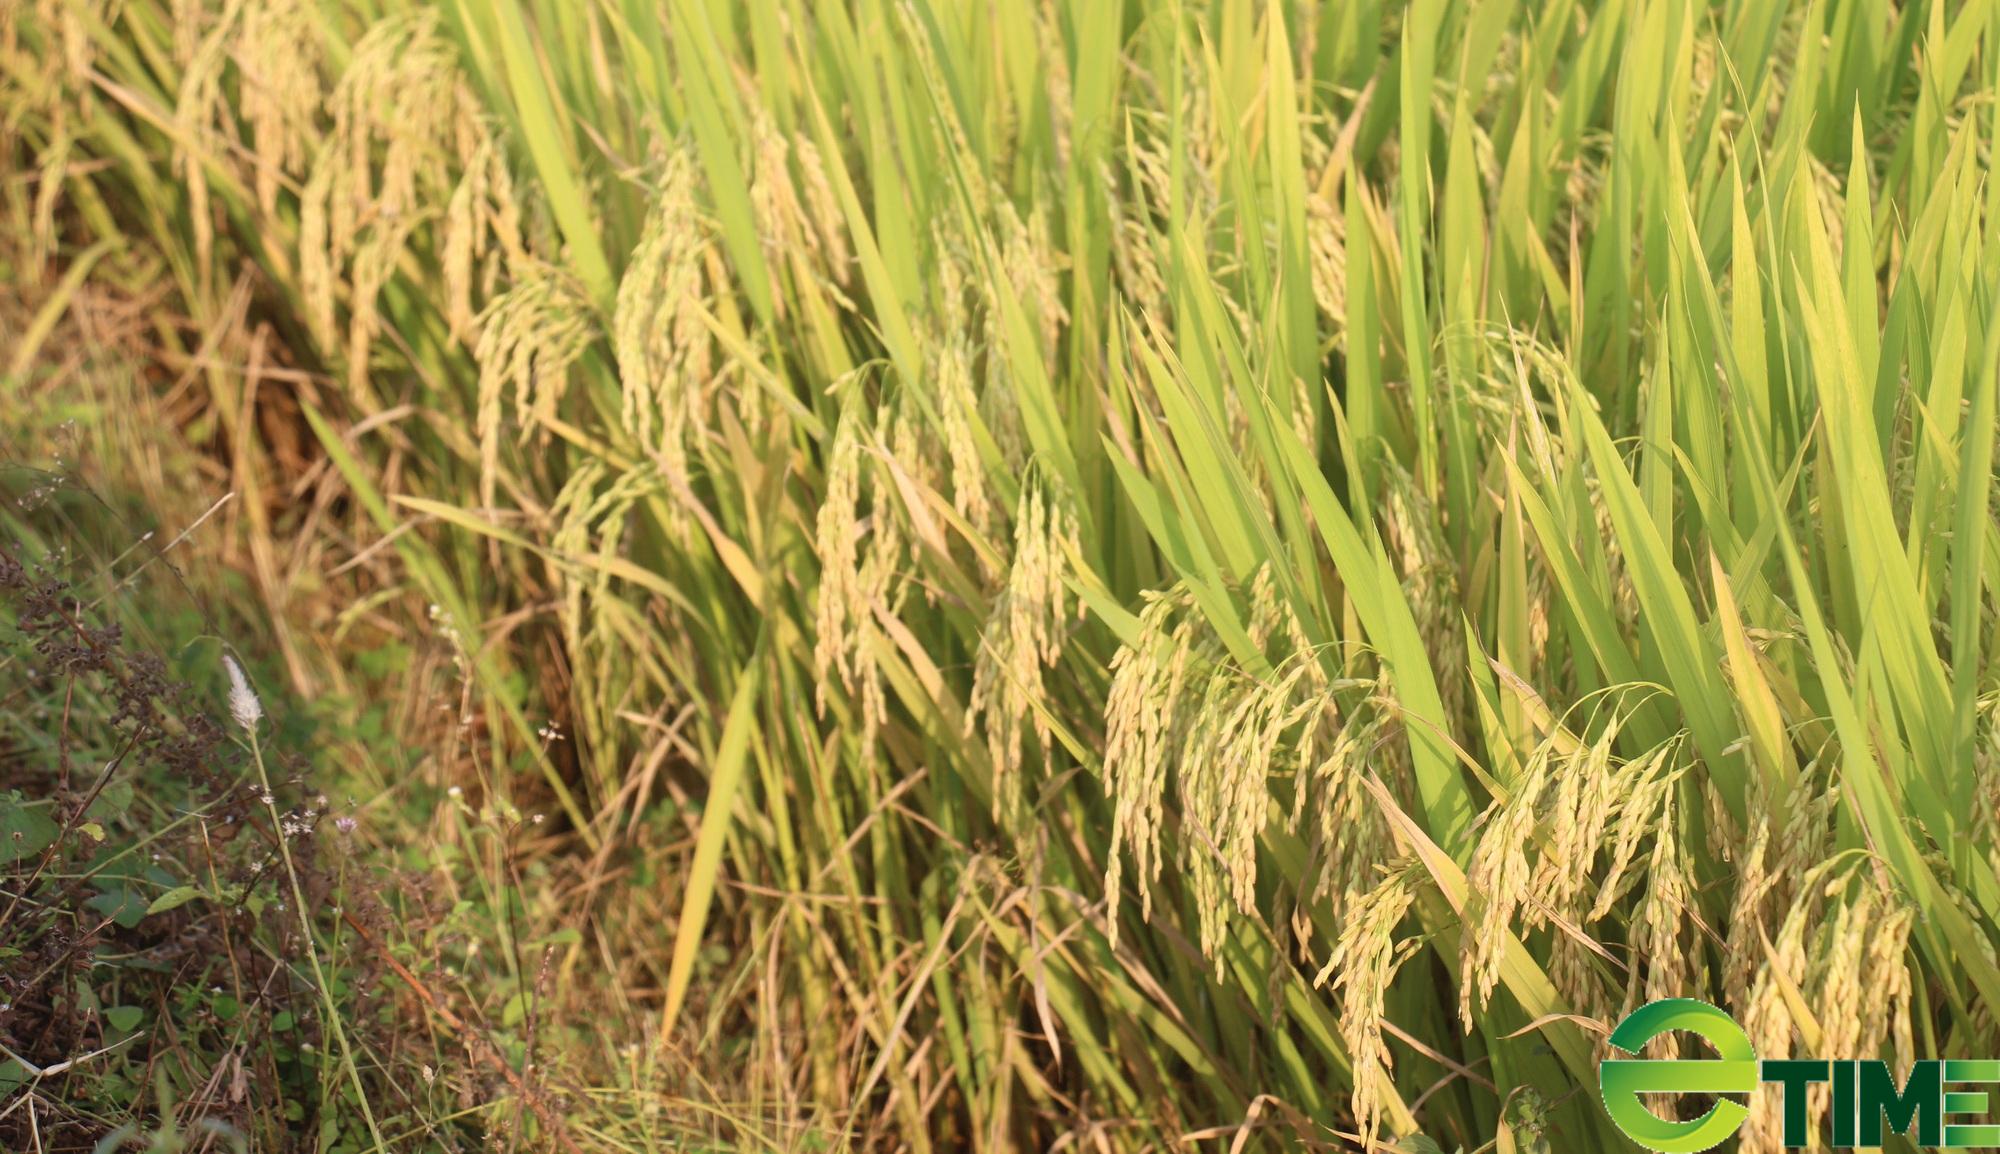 Nông dân hết lo cảnh thiếu nước nhờ kênh tưới Thượng Sơn - Ảnh 2.